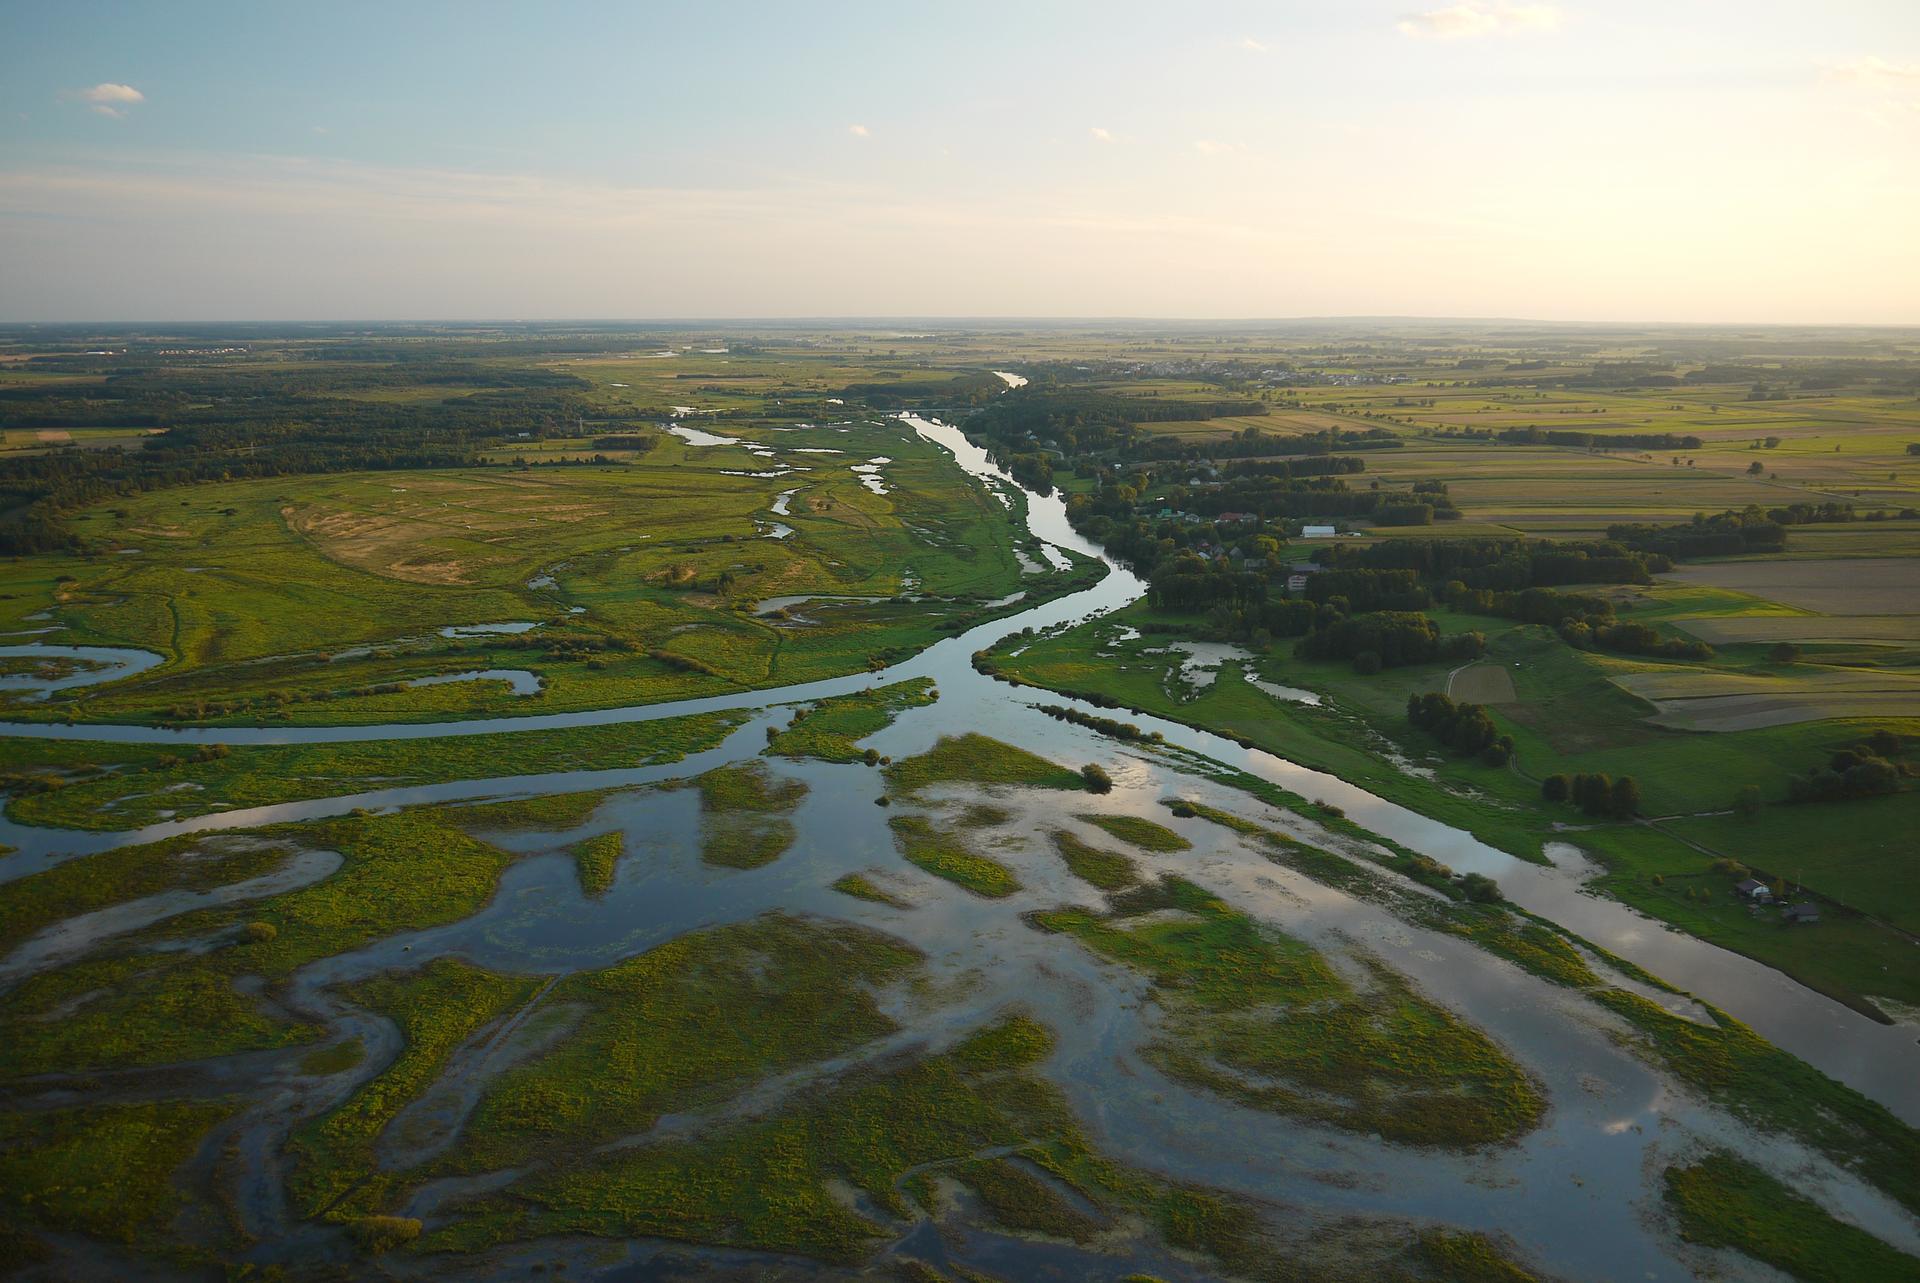 Kolorowe zdjęcie lotnicze. Słoneczny letni dzień. Zdjęcie obejmuje powierzchnię parku zalaną przez wody przepływającej rzeki. Kilkanaście odnóg rzeki przybiera owalne kształty wformie wijących się pasów wody. Wokół teren nizinny pokryty zieloną trawą. Po prawej stronie rzeki kilka zabudowań mieszkalnych wśród drzew. Wgłębi zdjęcia zabudowa małego miasteczka. Na linii horyzontu pola ilasy. Niebo zamglone.